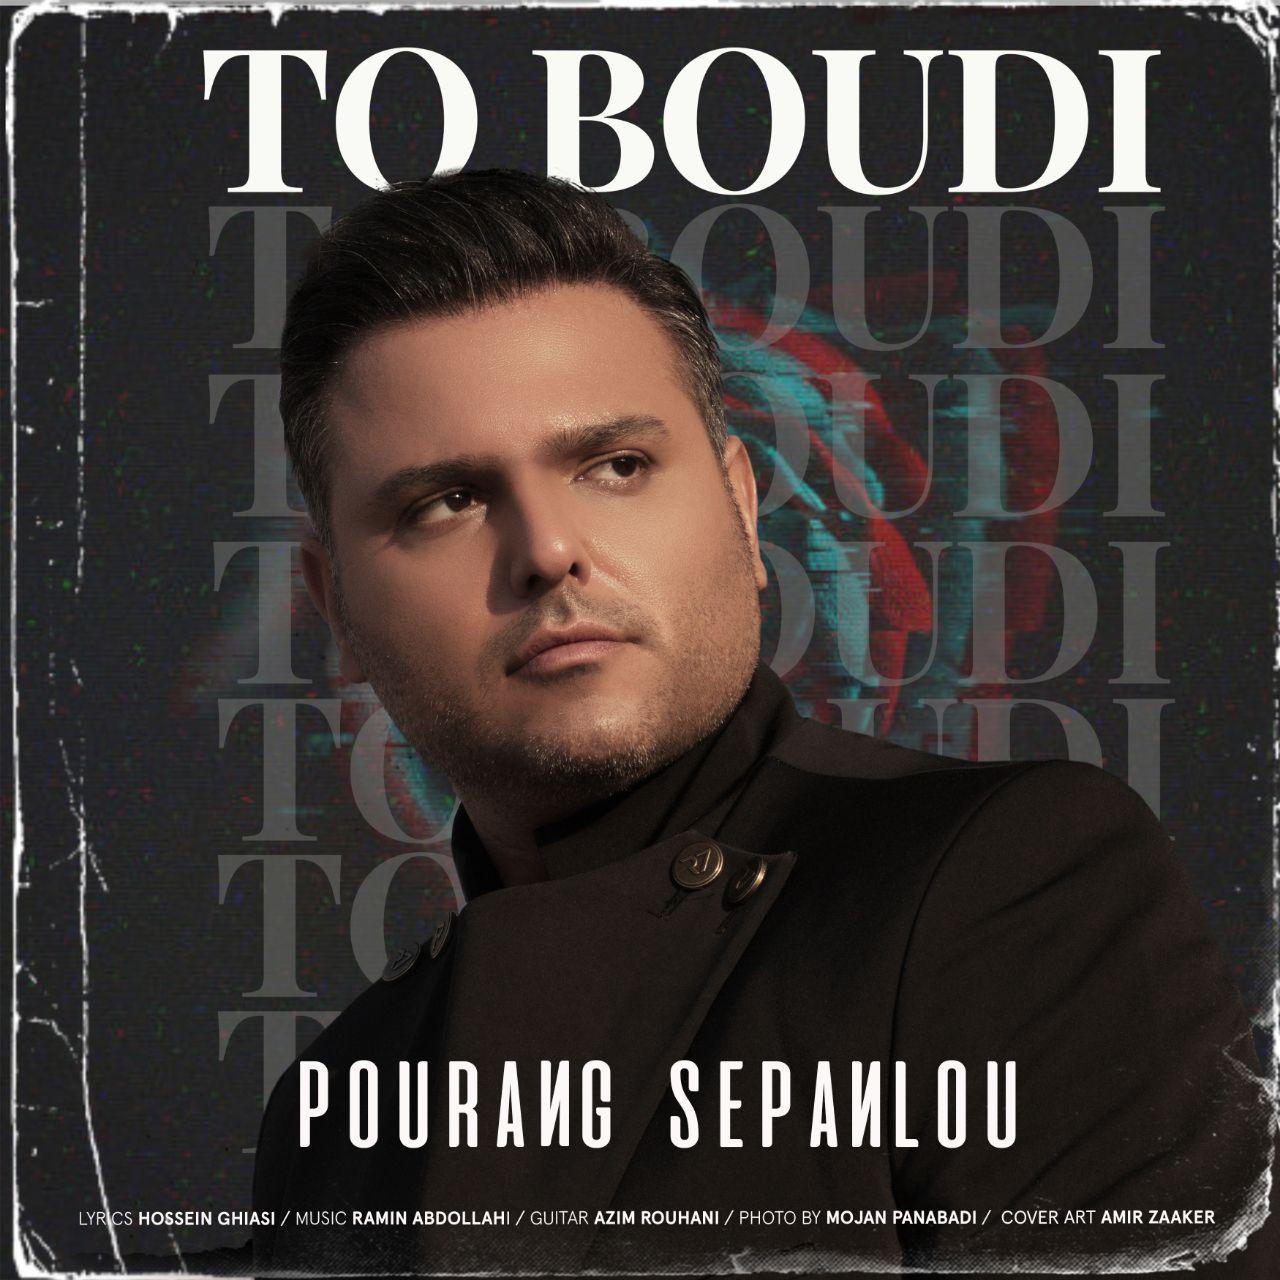 Pourang Sepanlou – To Boudi